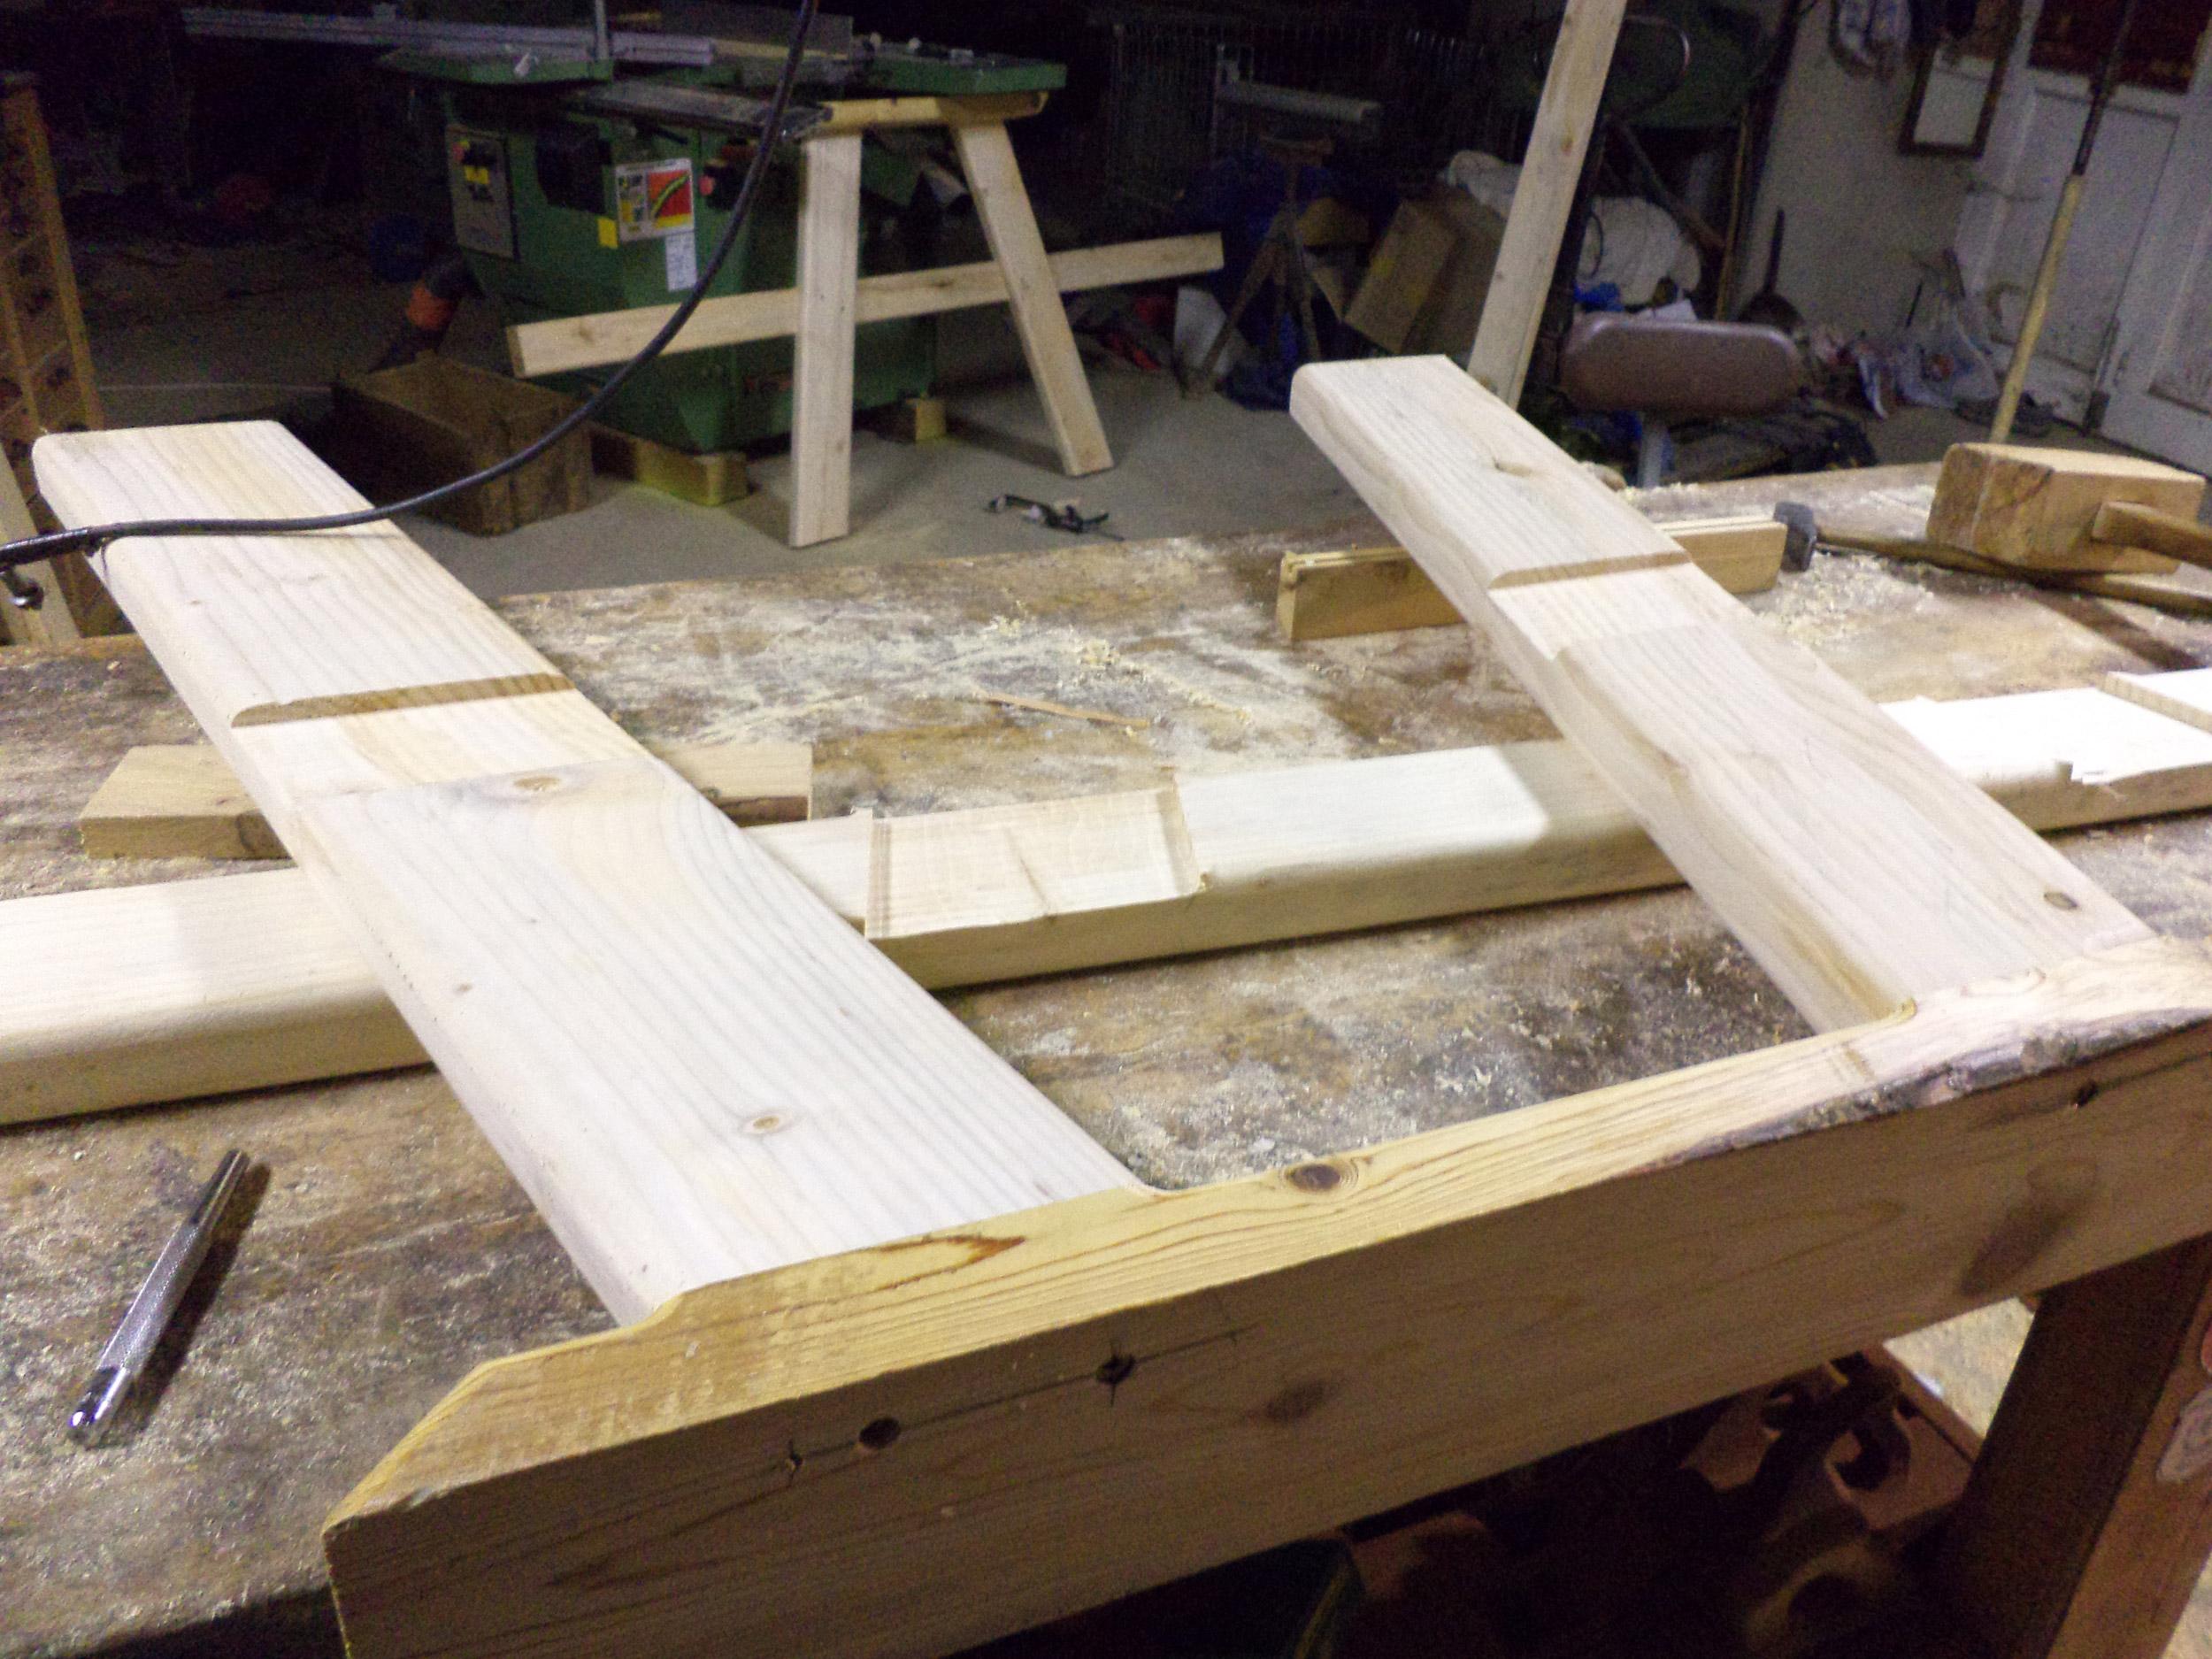 Salon de jardin bois sapin des id es int ressantes pour la conception de des for Abri de jardin en bois la redoute